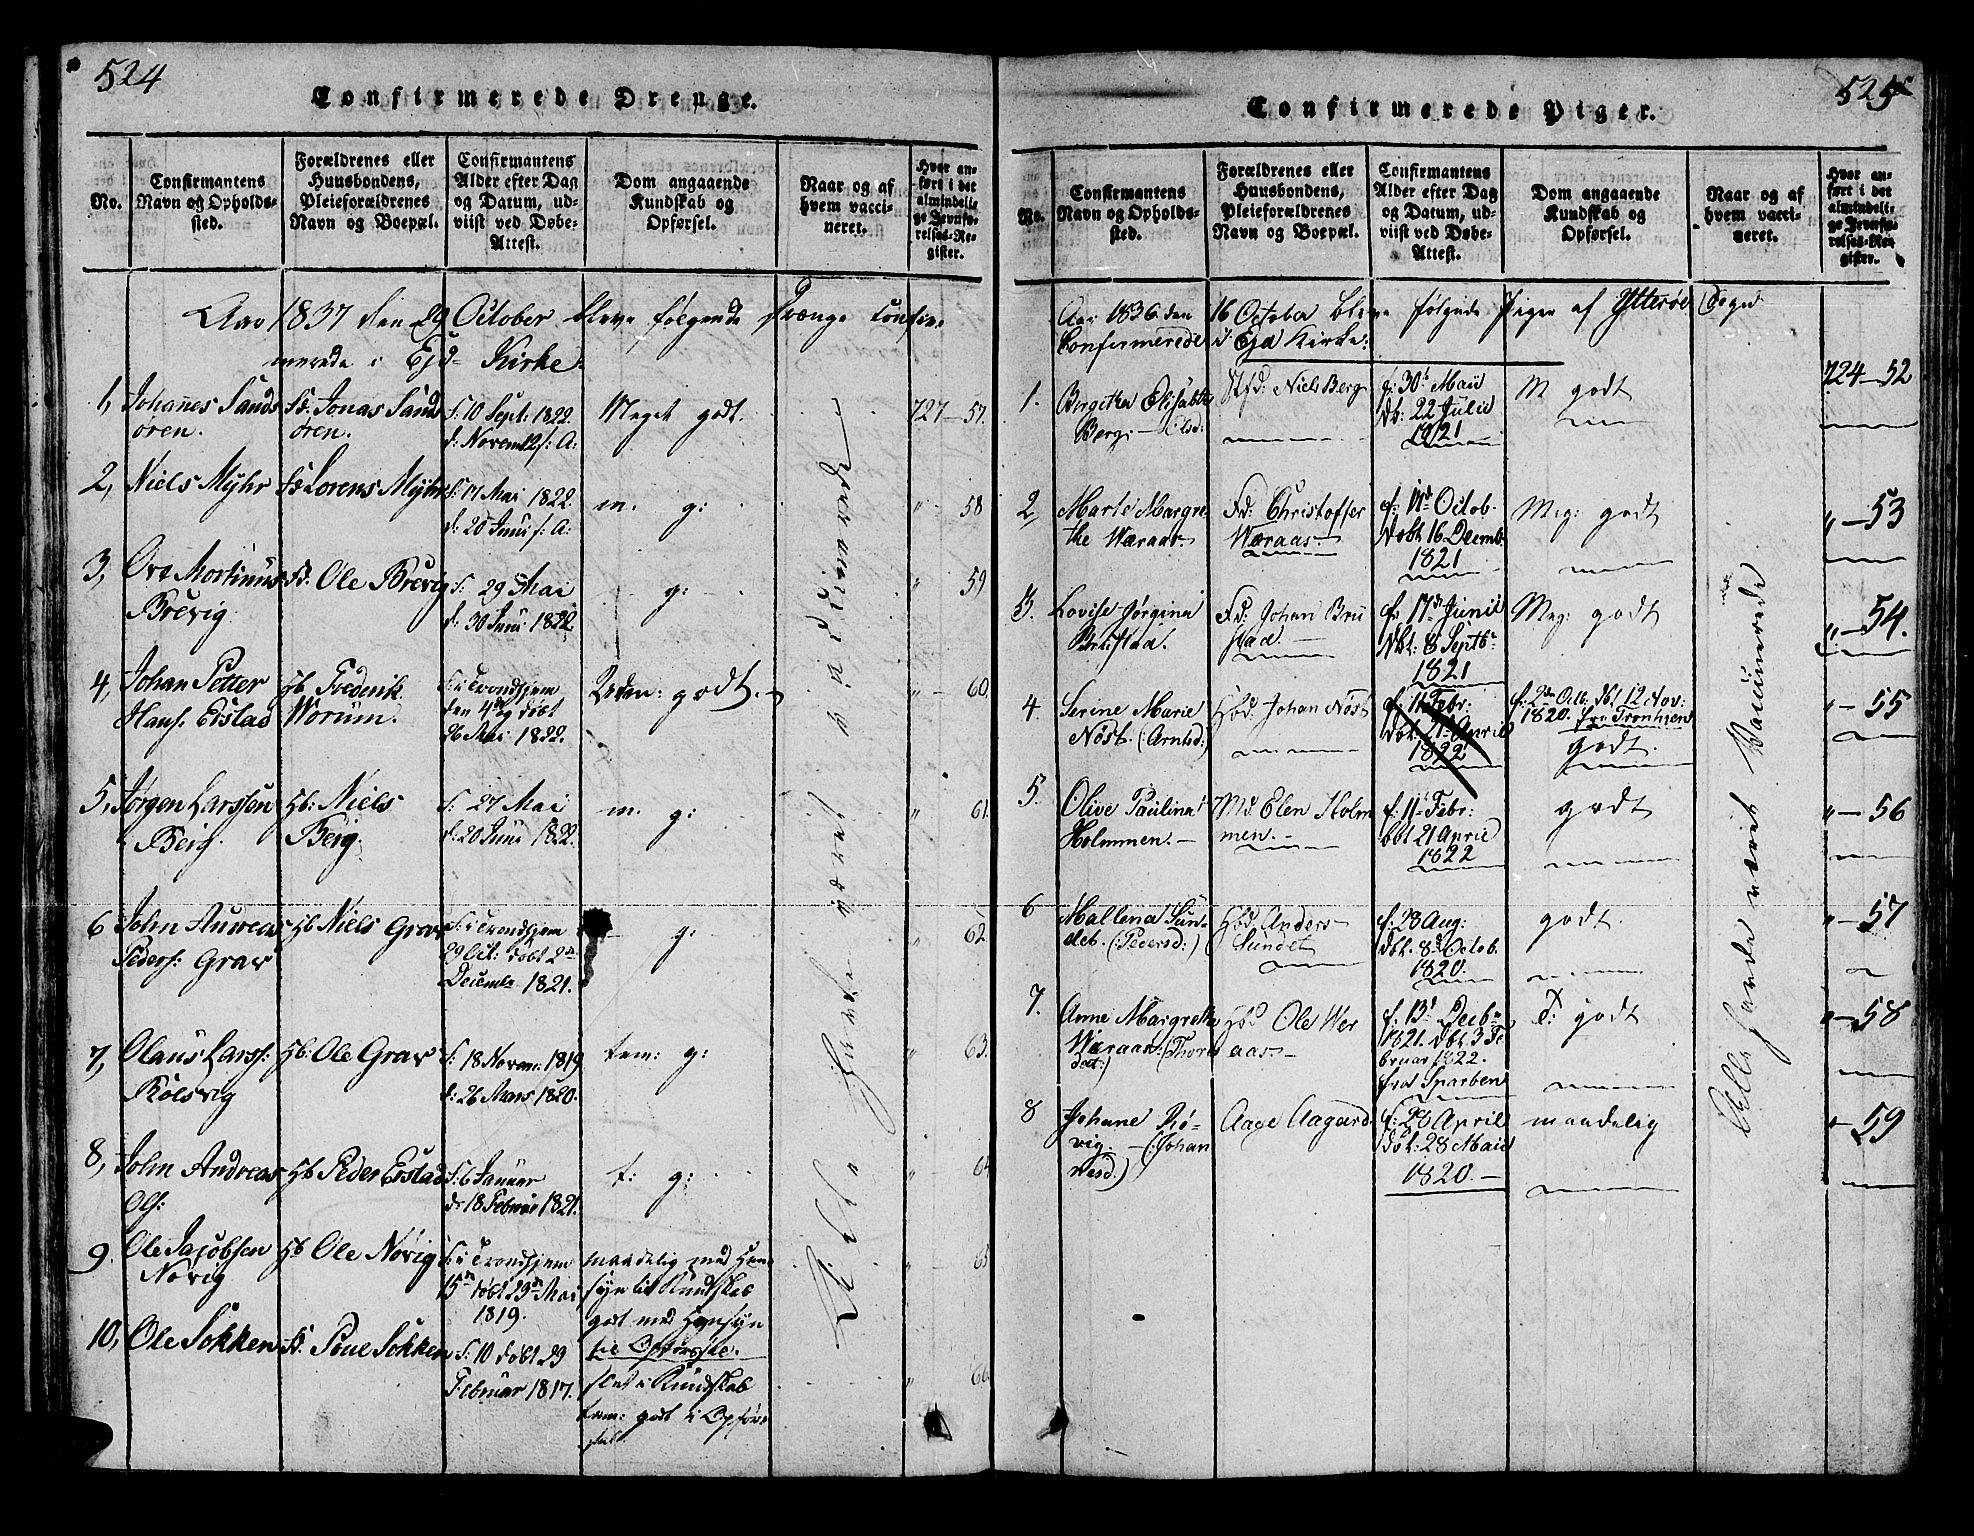 SAT, Ministerialprotokoller, klokkerbøker og fødselsregistre - Nord-Trøndelag, 722/L0217: Ministerialbok nr. 722A04, 1817-1842, s. 524-525